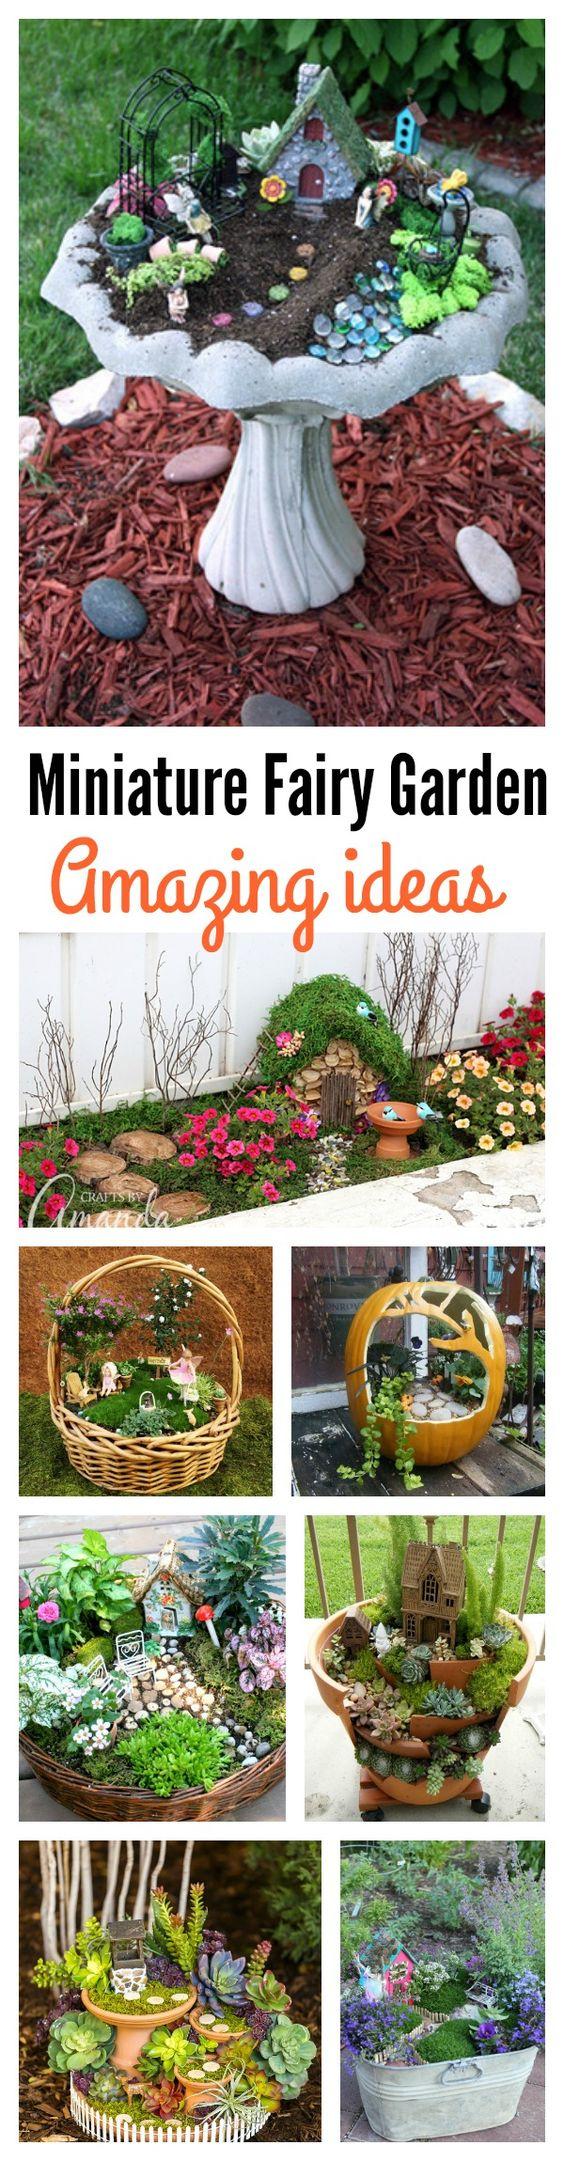 我们收集了8个令人惊叹的迷你仙境花园DIY创意,这将帮助您为您的户外生活空间选择您最喜爱的童话花园。